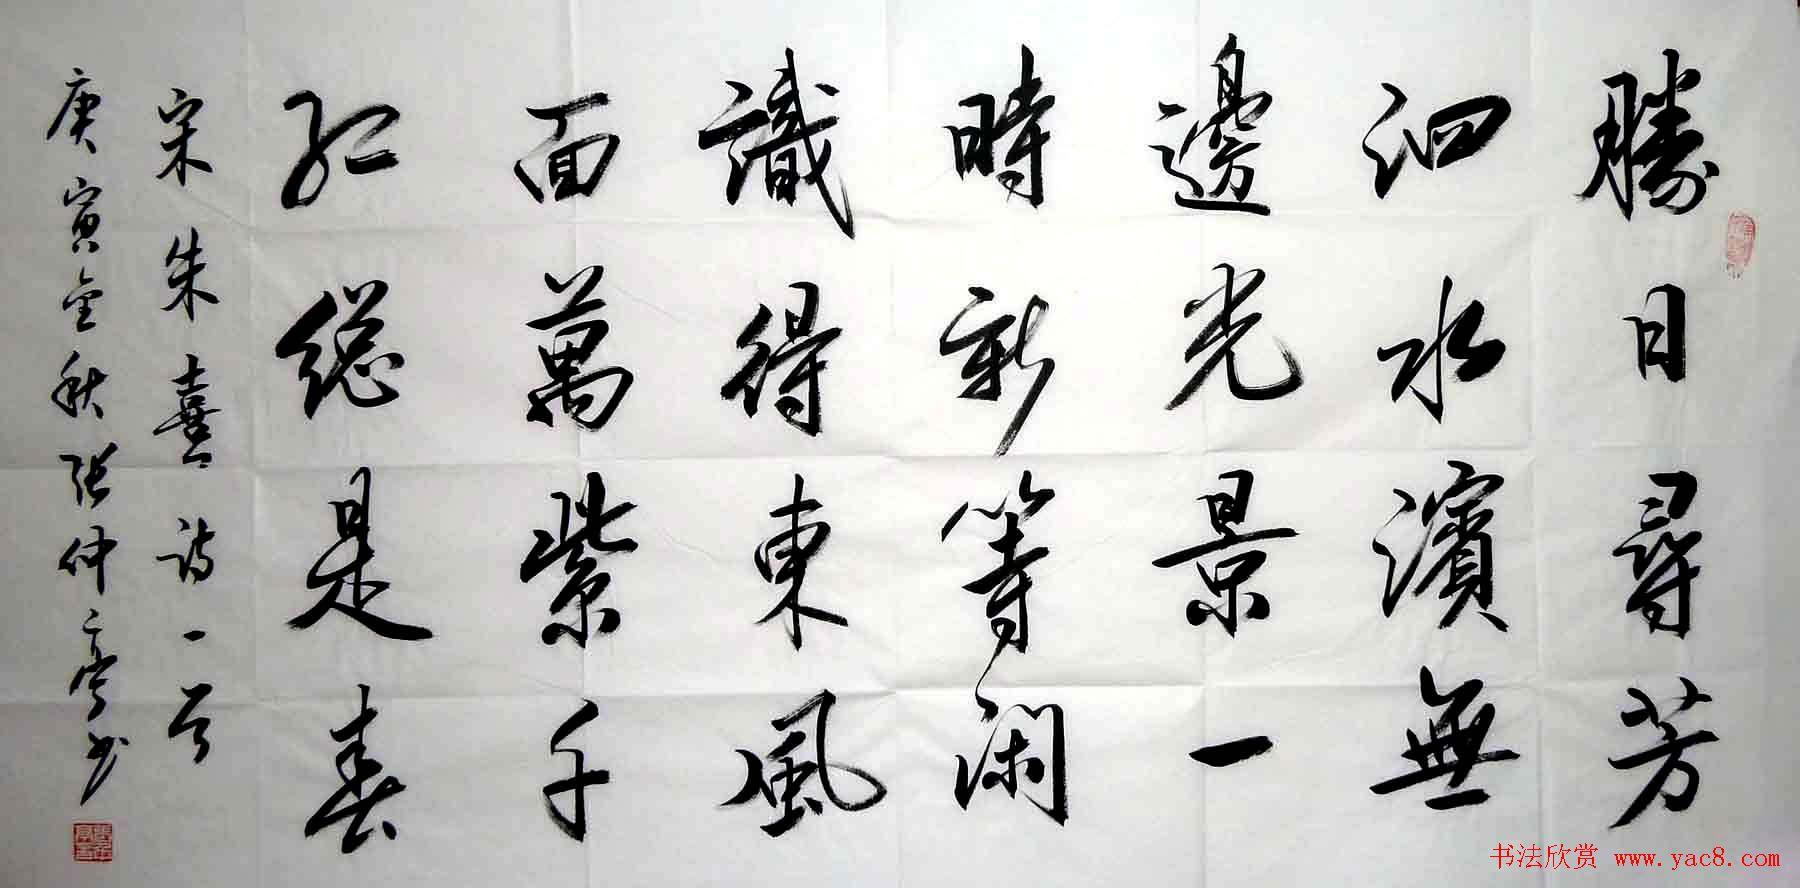 张仲亭行书书法作品欣赏 第3页 毛笔书法 书法欣赏图片